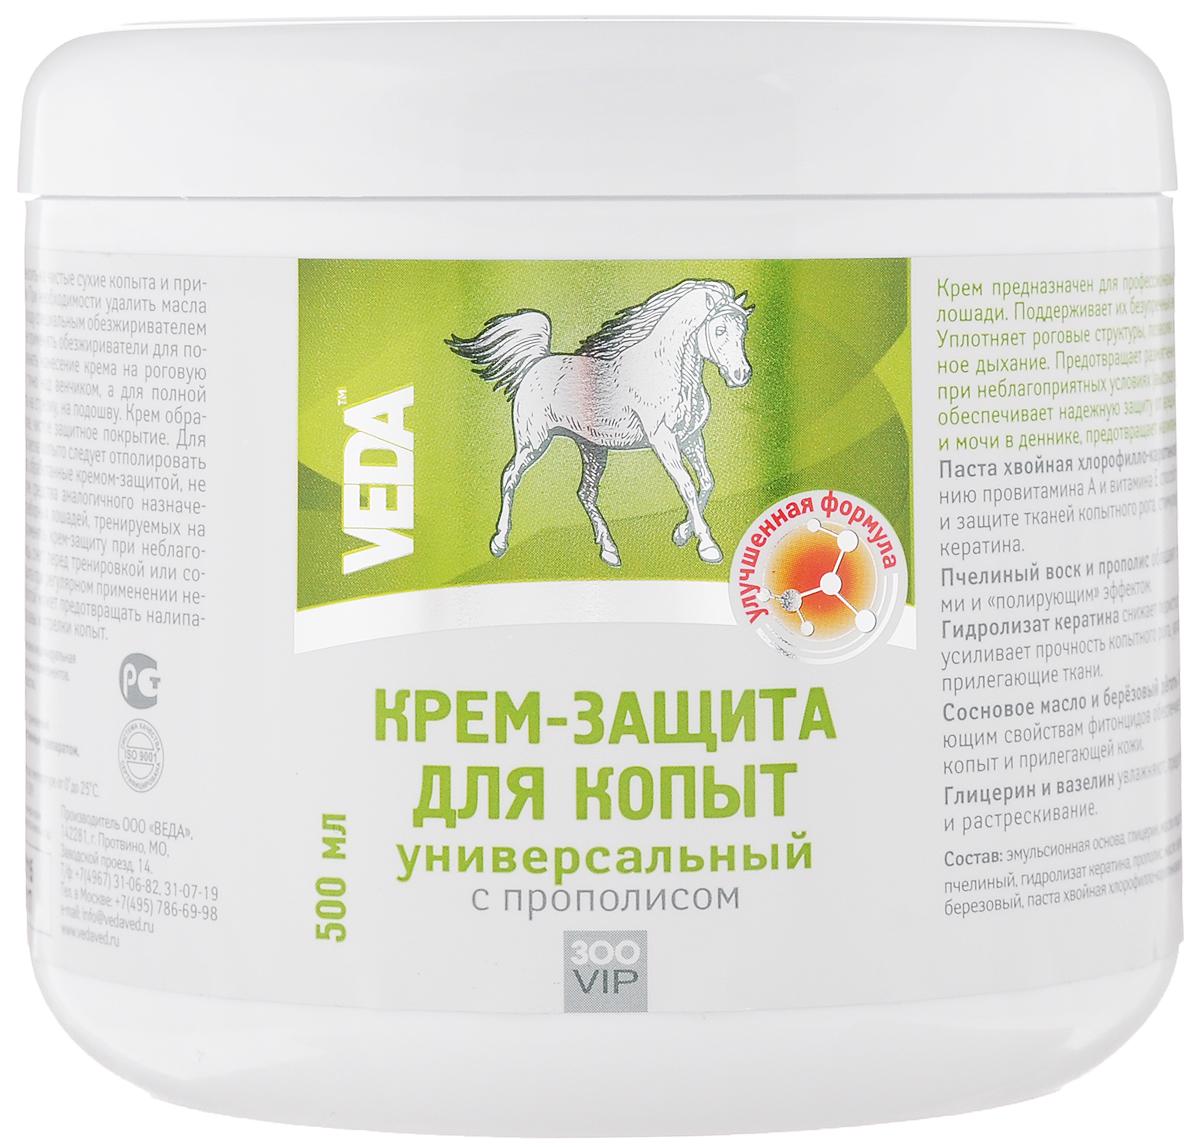 Крем-защита для копыт Veda ЗооVip, универсальный, с прополисом, 500 мл sea of spa крем морковный универсальный 500 мл